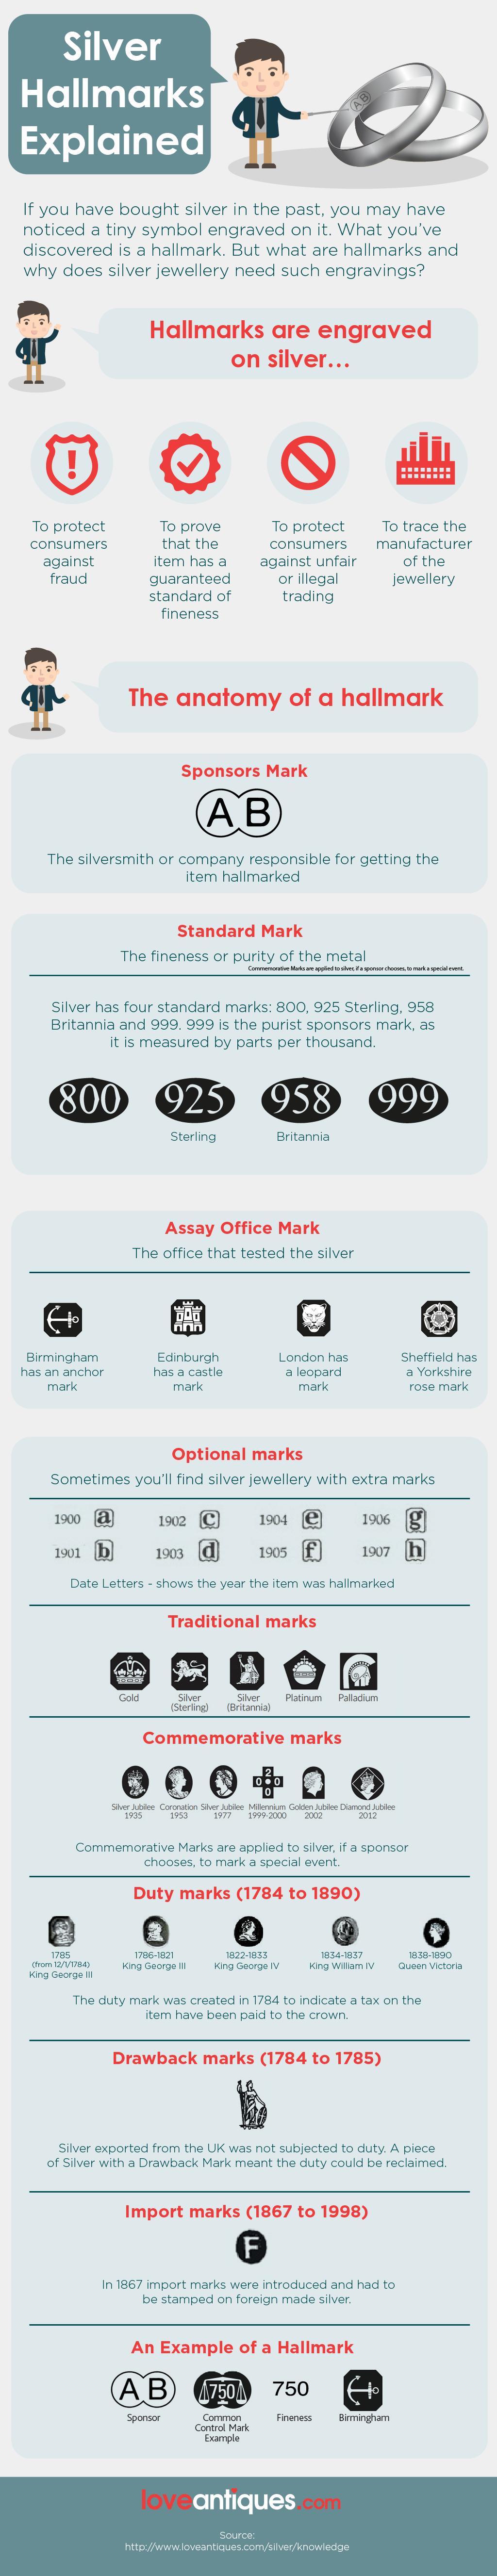 Silver Hallmarks-Infographic